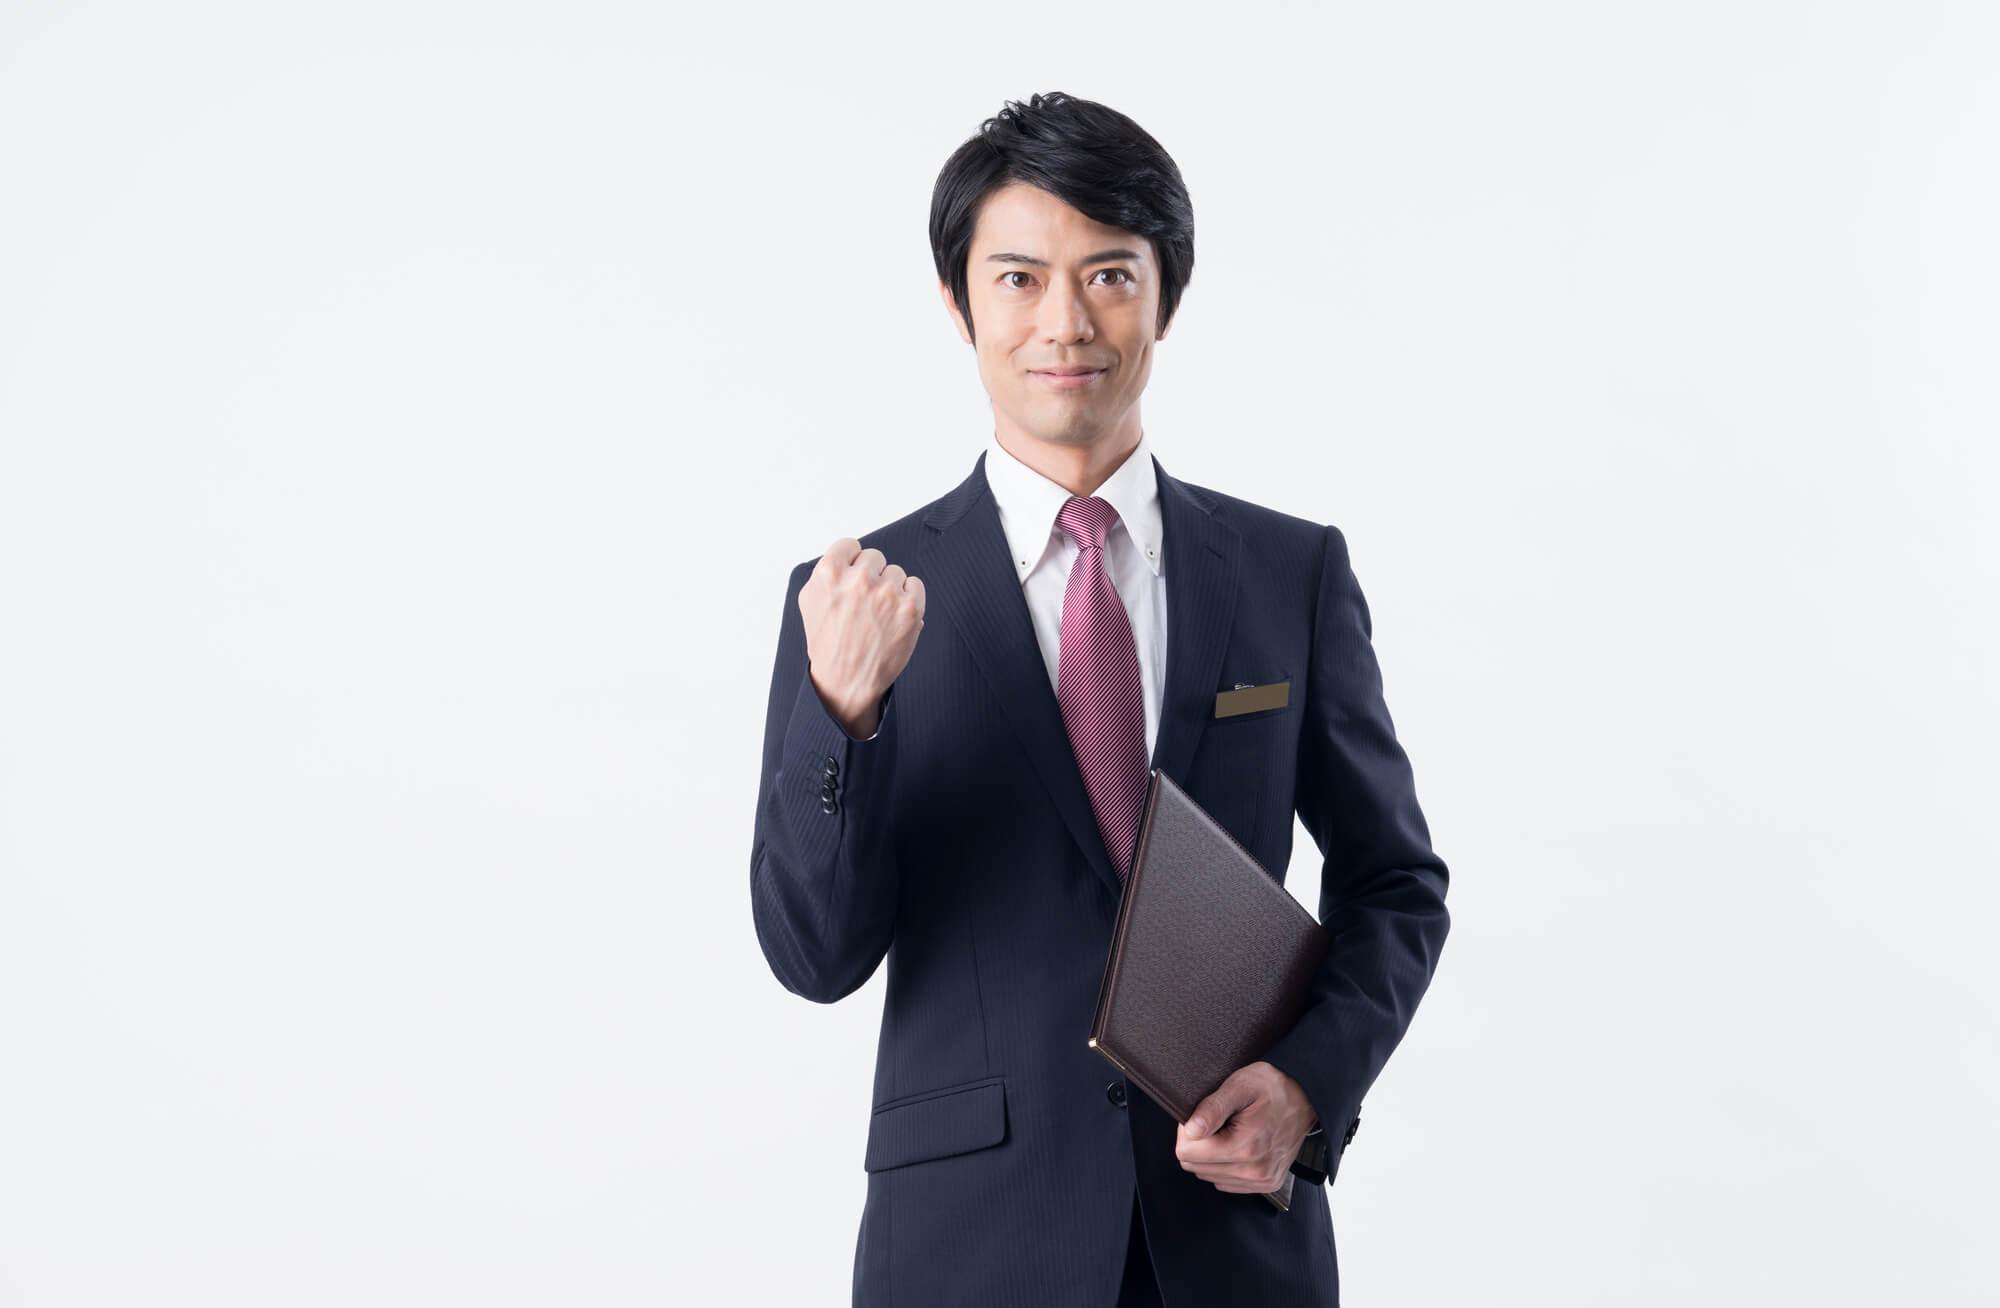 賃貸管理会社の業務内容と手数料相場【仲介会社との違いも解説】